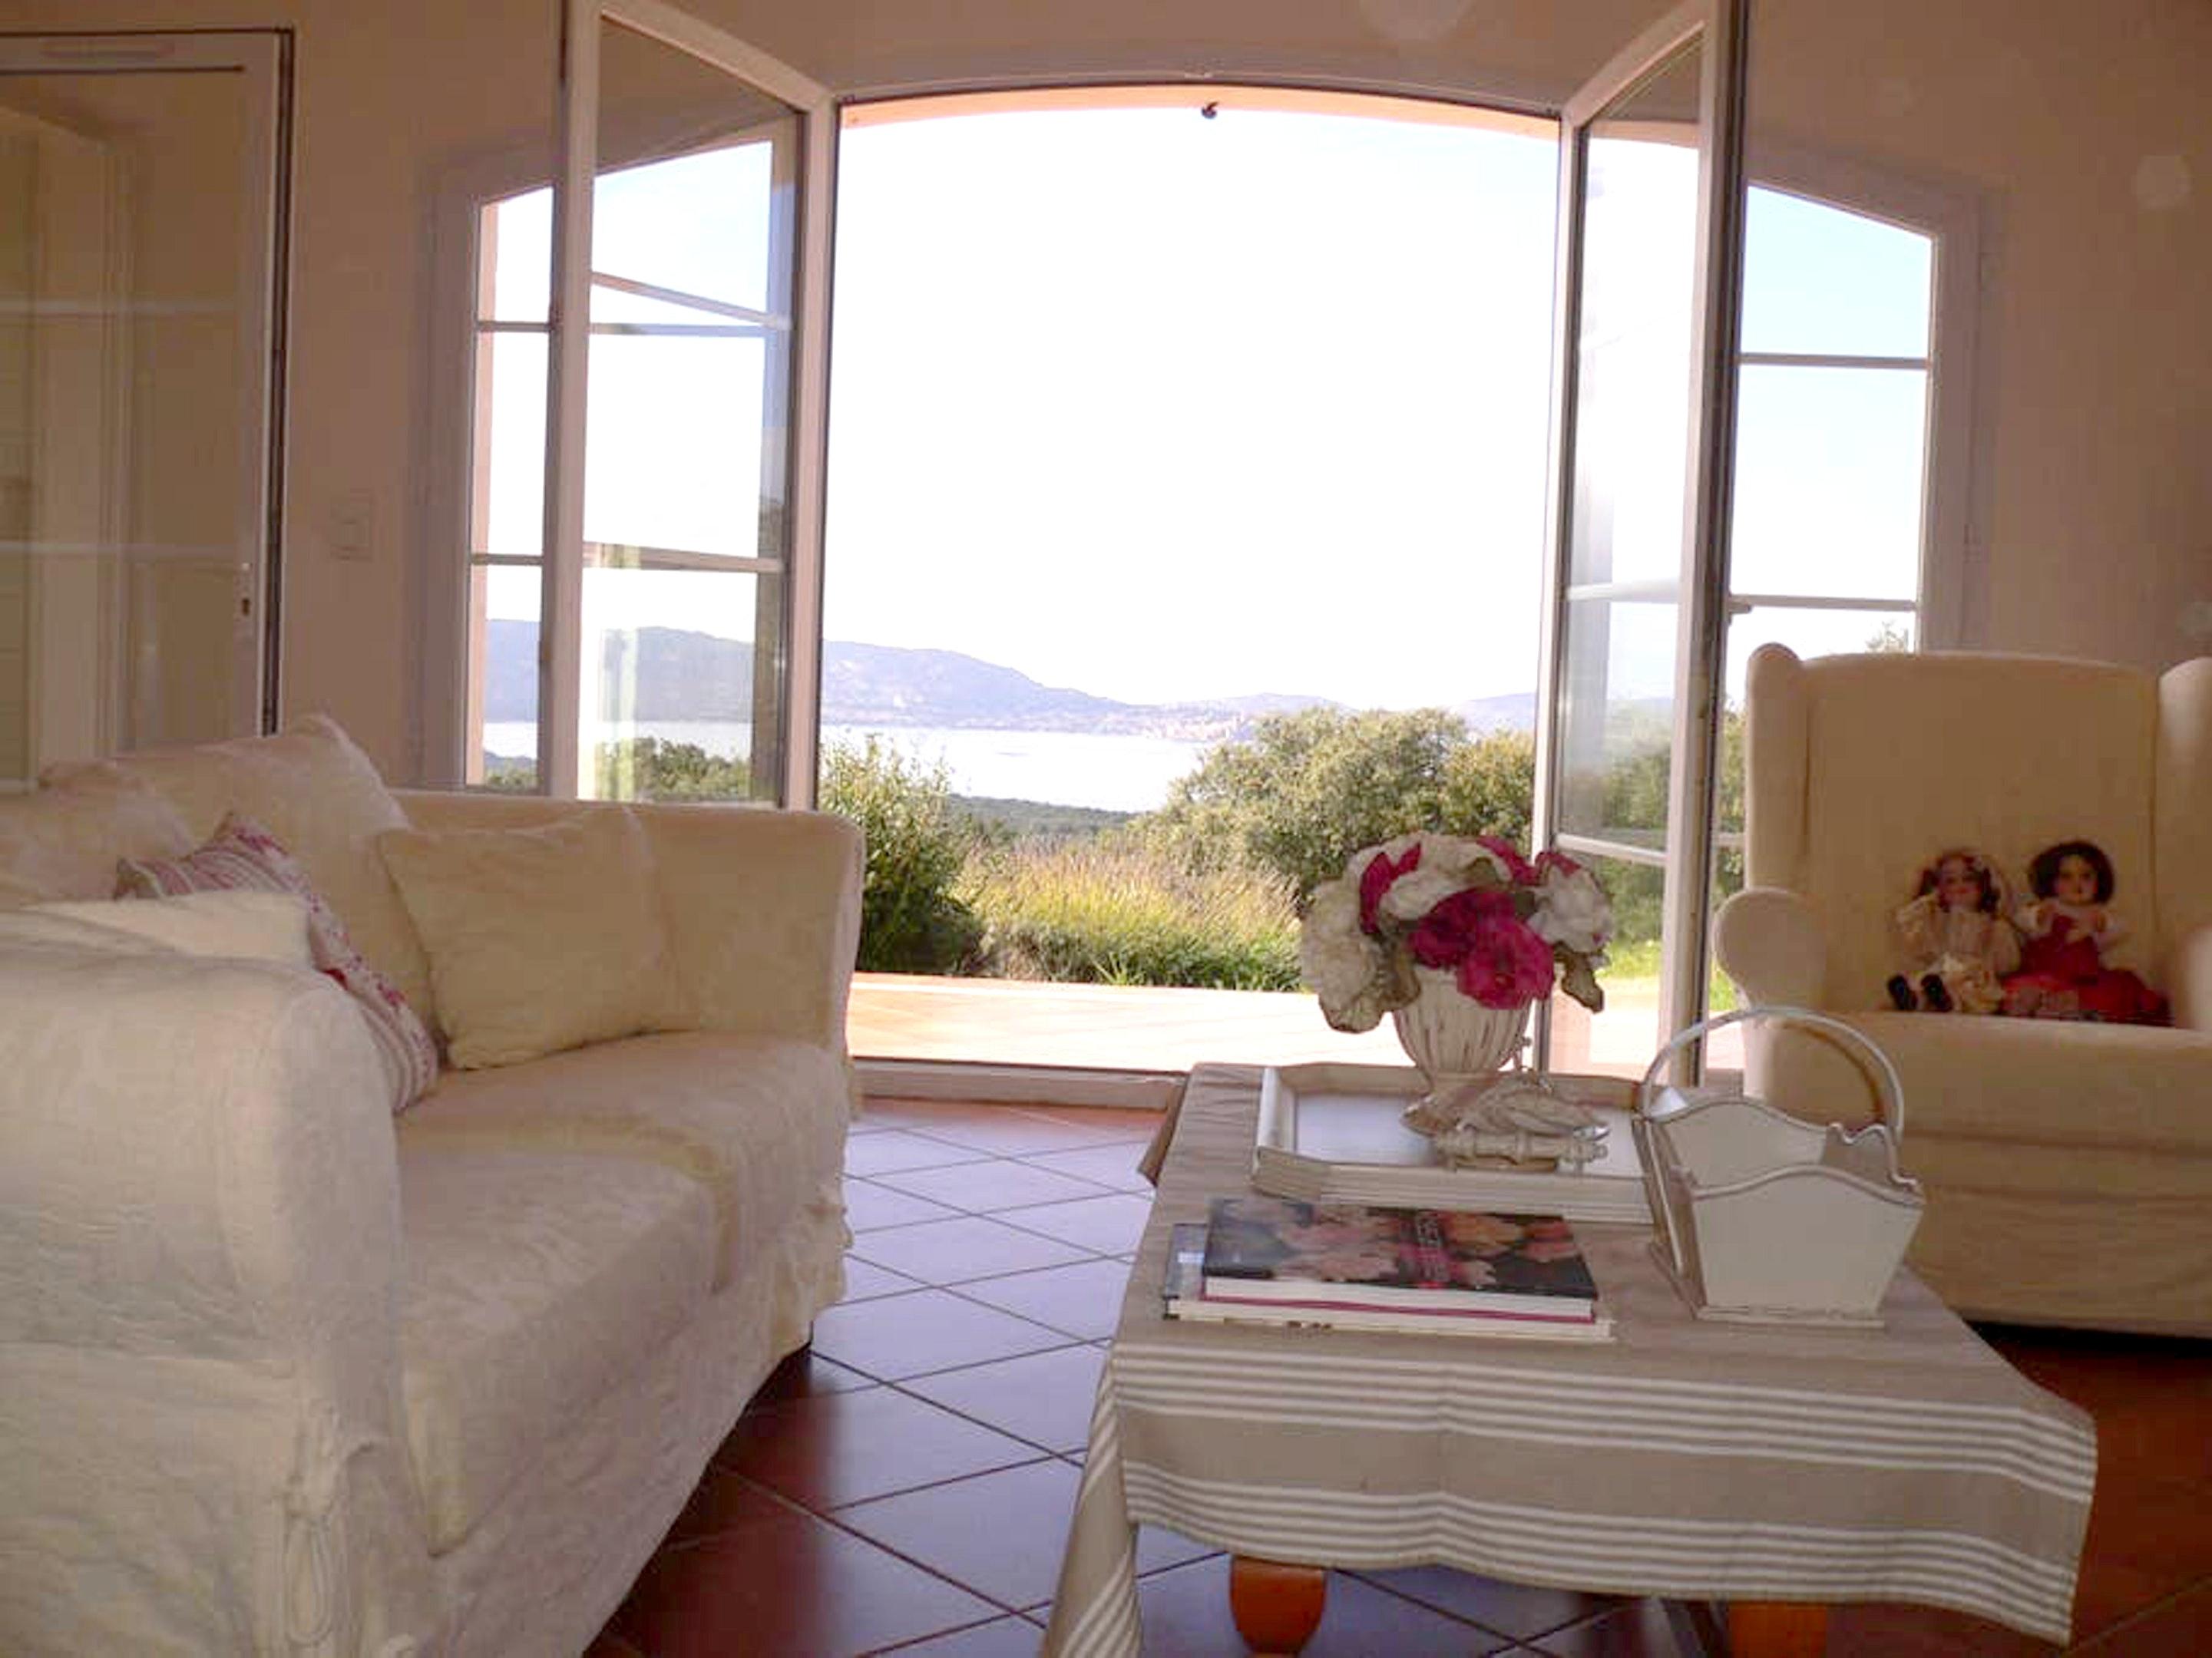 Ferienhaus Villa mit 4 Schlafzimmern in Lumio mit herrlichem Meerblick, privatem Pool, möbliertem Gar (2632533), Lumio, Nordkorsika, Korsika, Frankreich, Bild 19